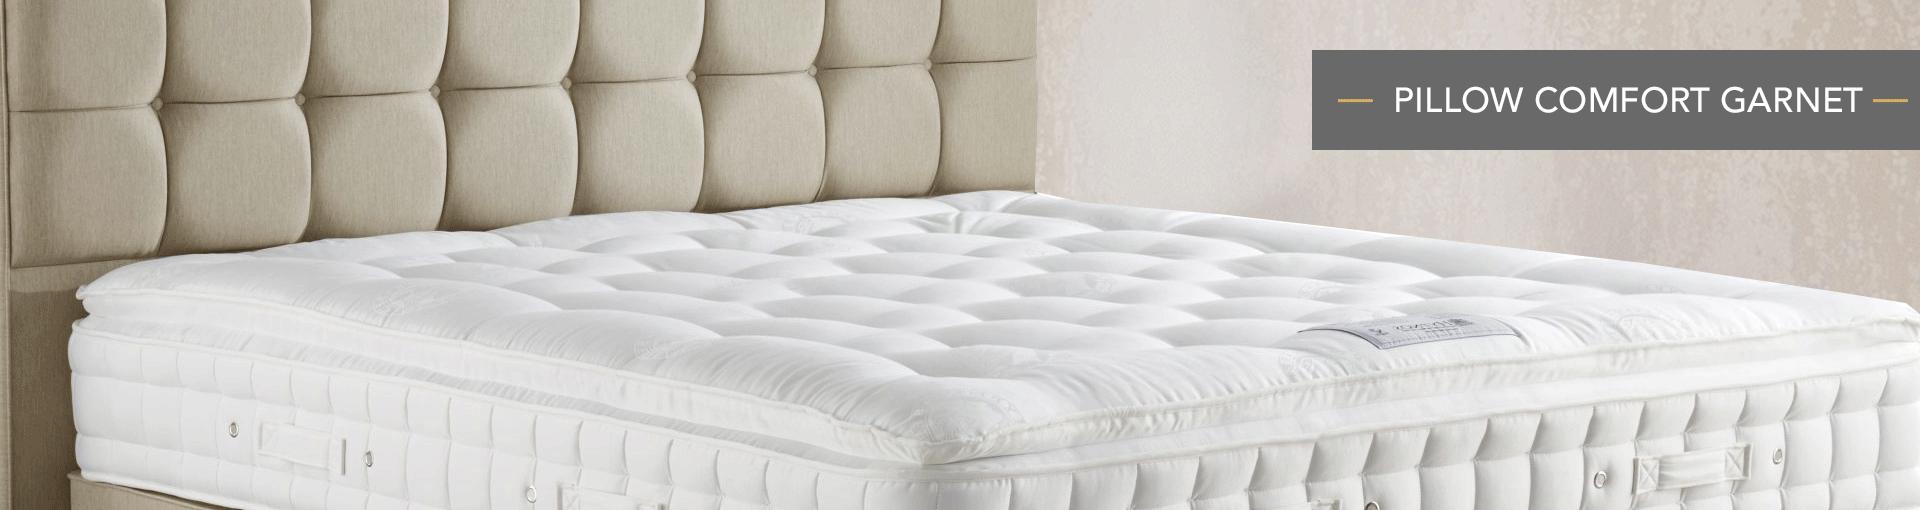 Pillow Comfort Garnet Banner